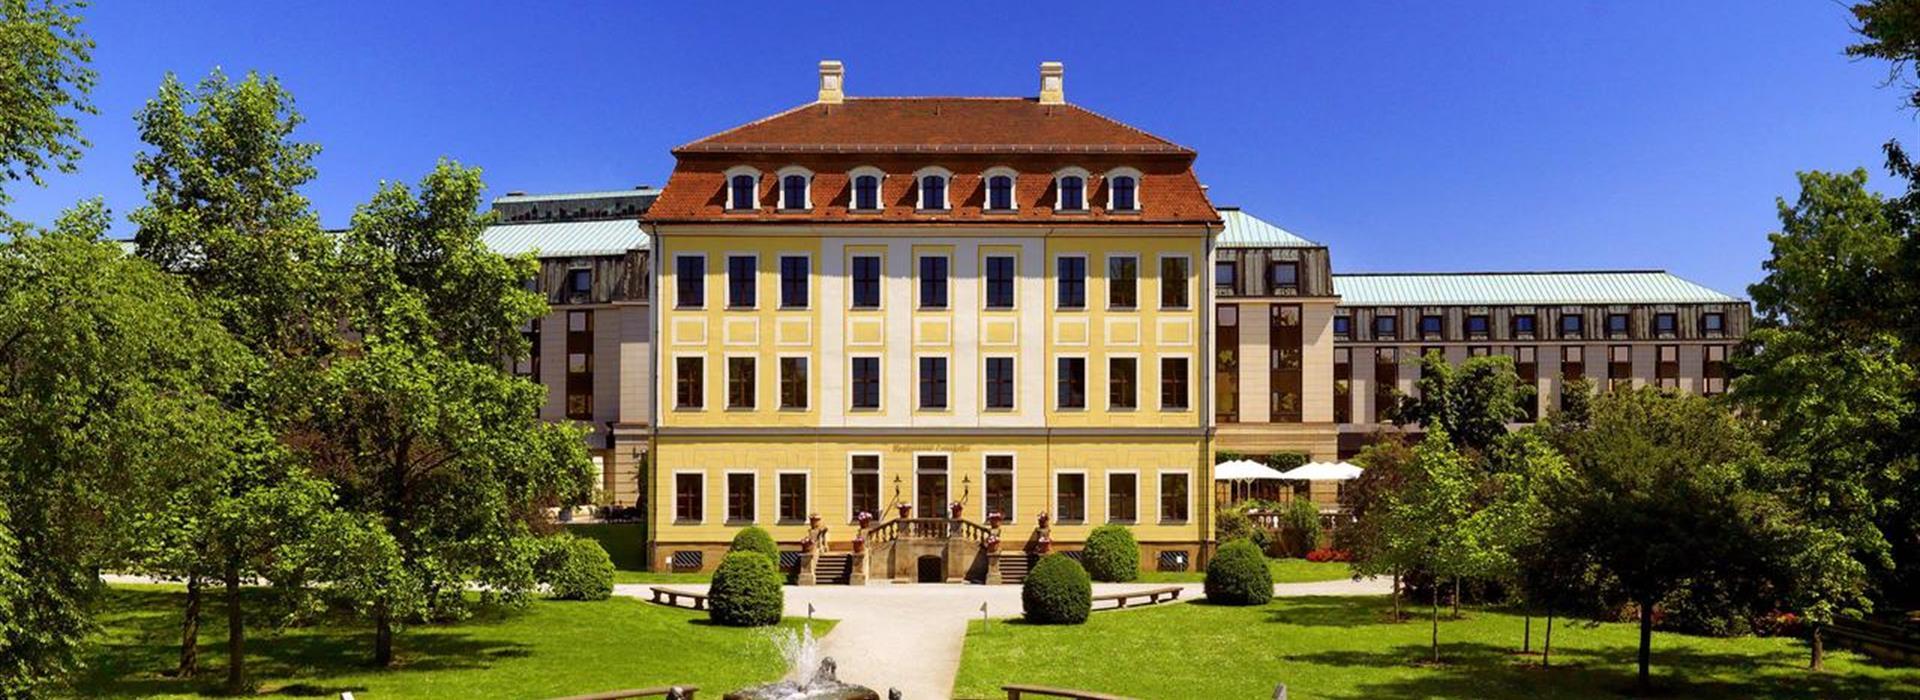 The-Westin-Bellevue-Dresden